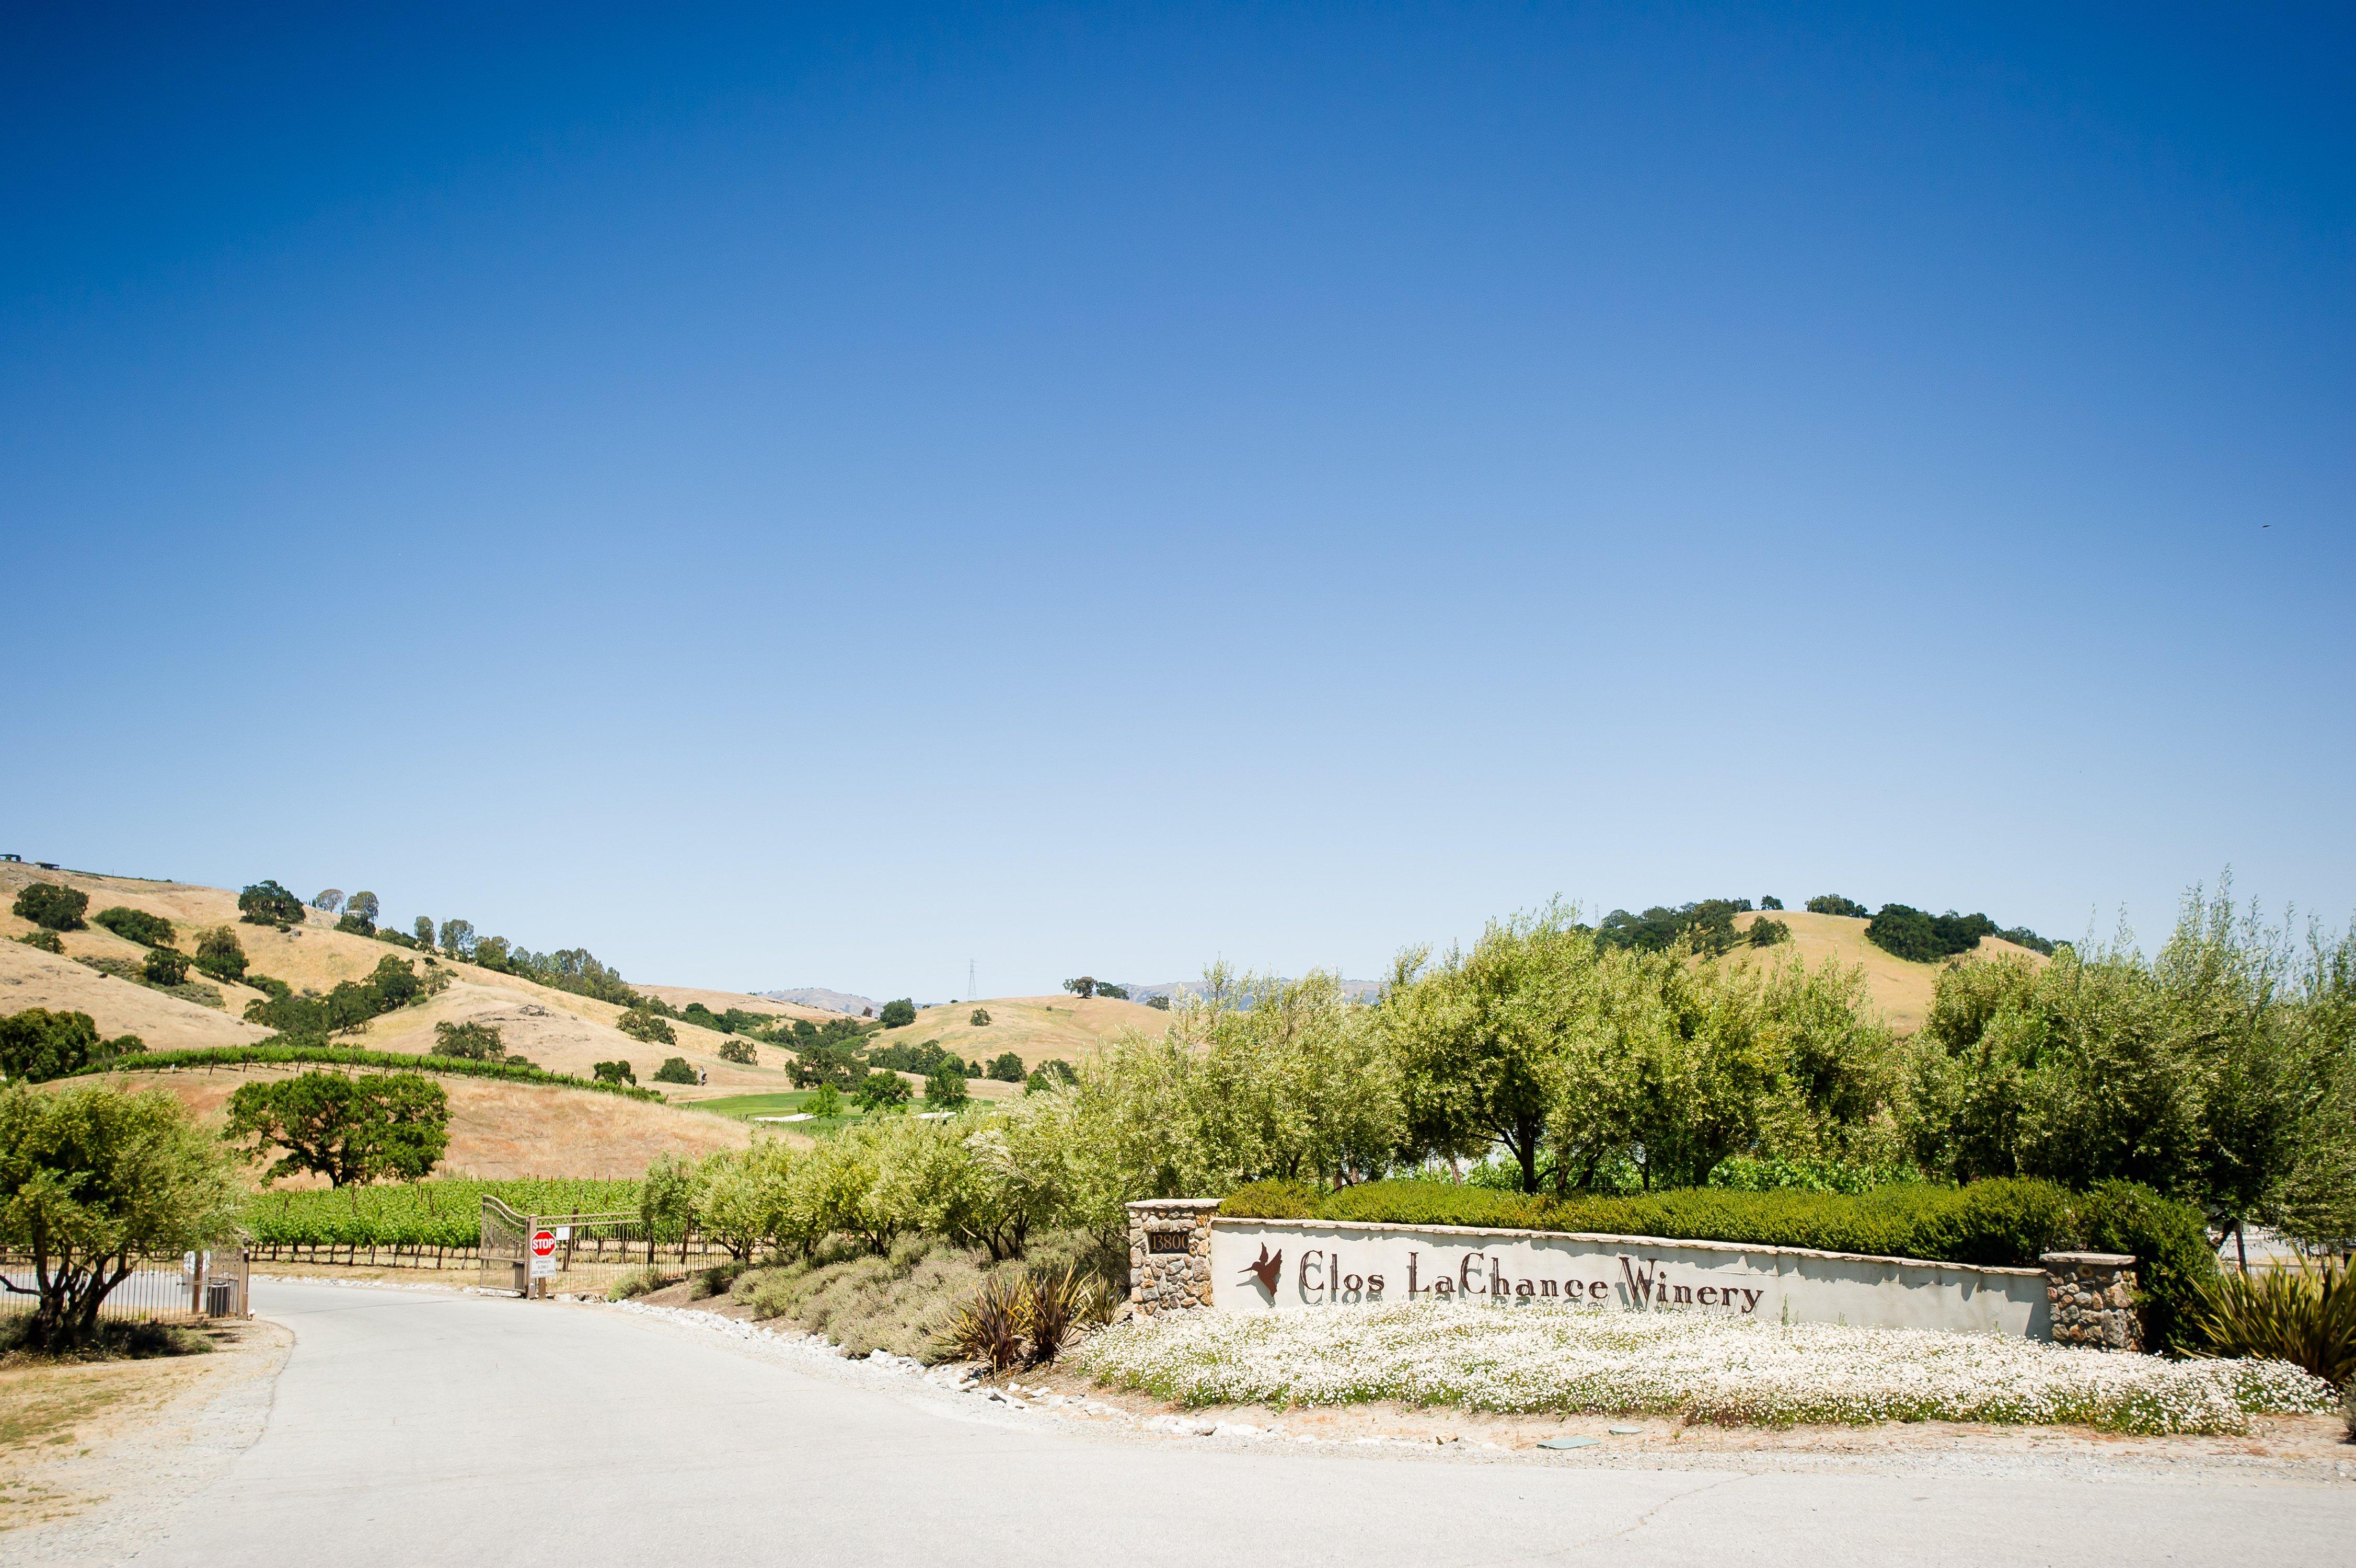 Clos los chance winery venue